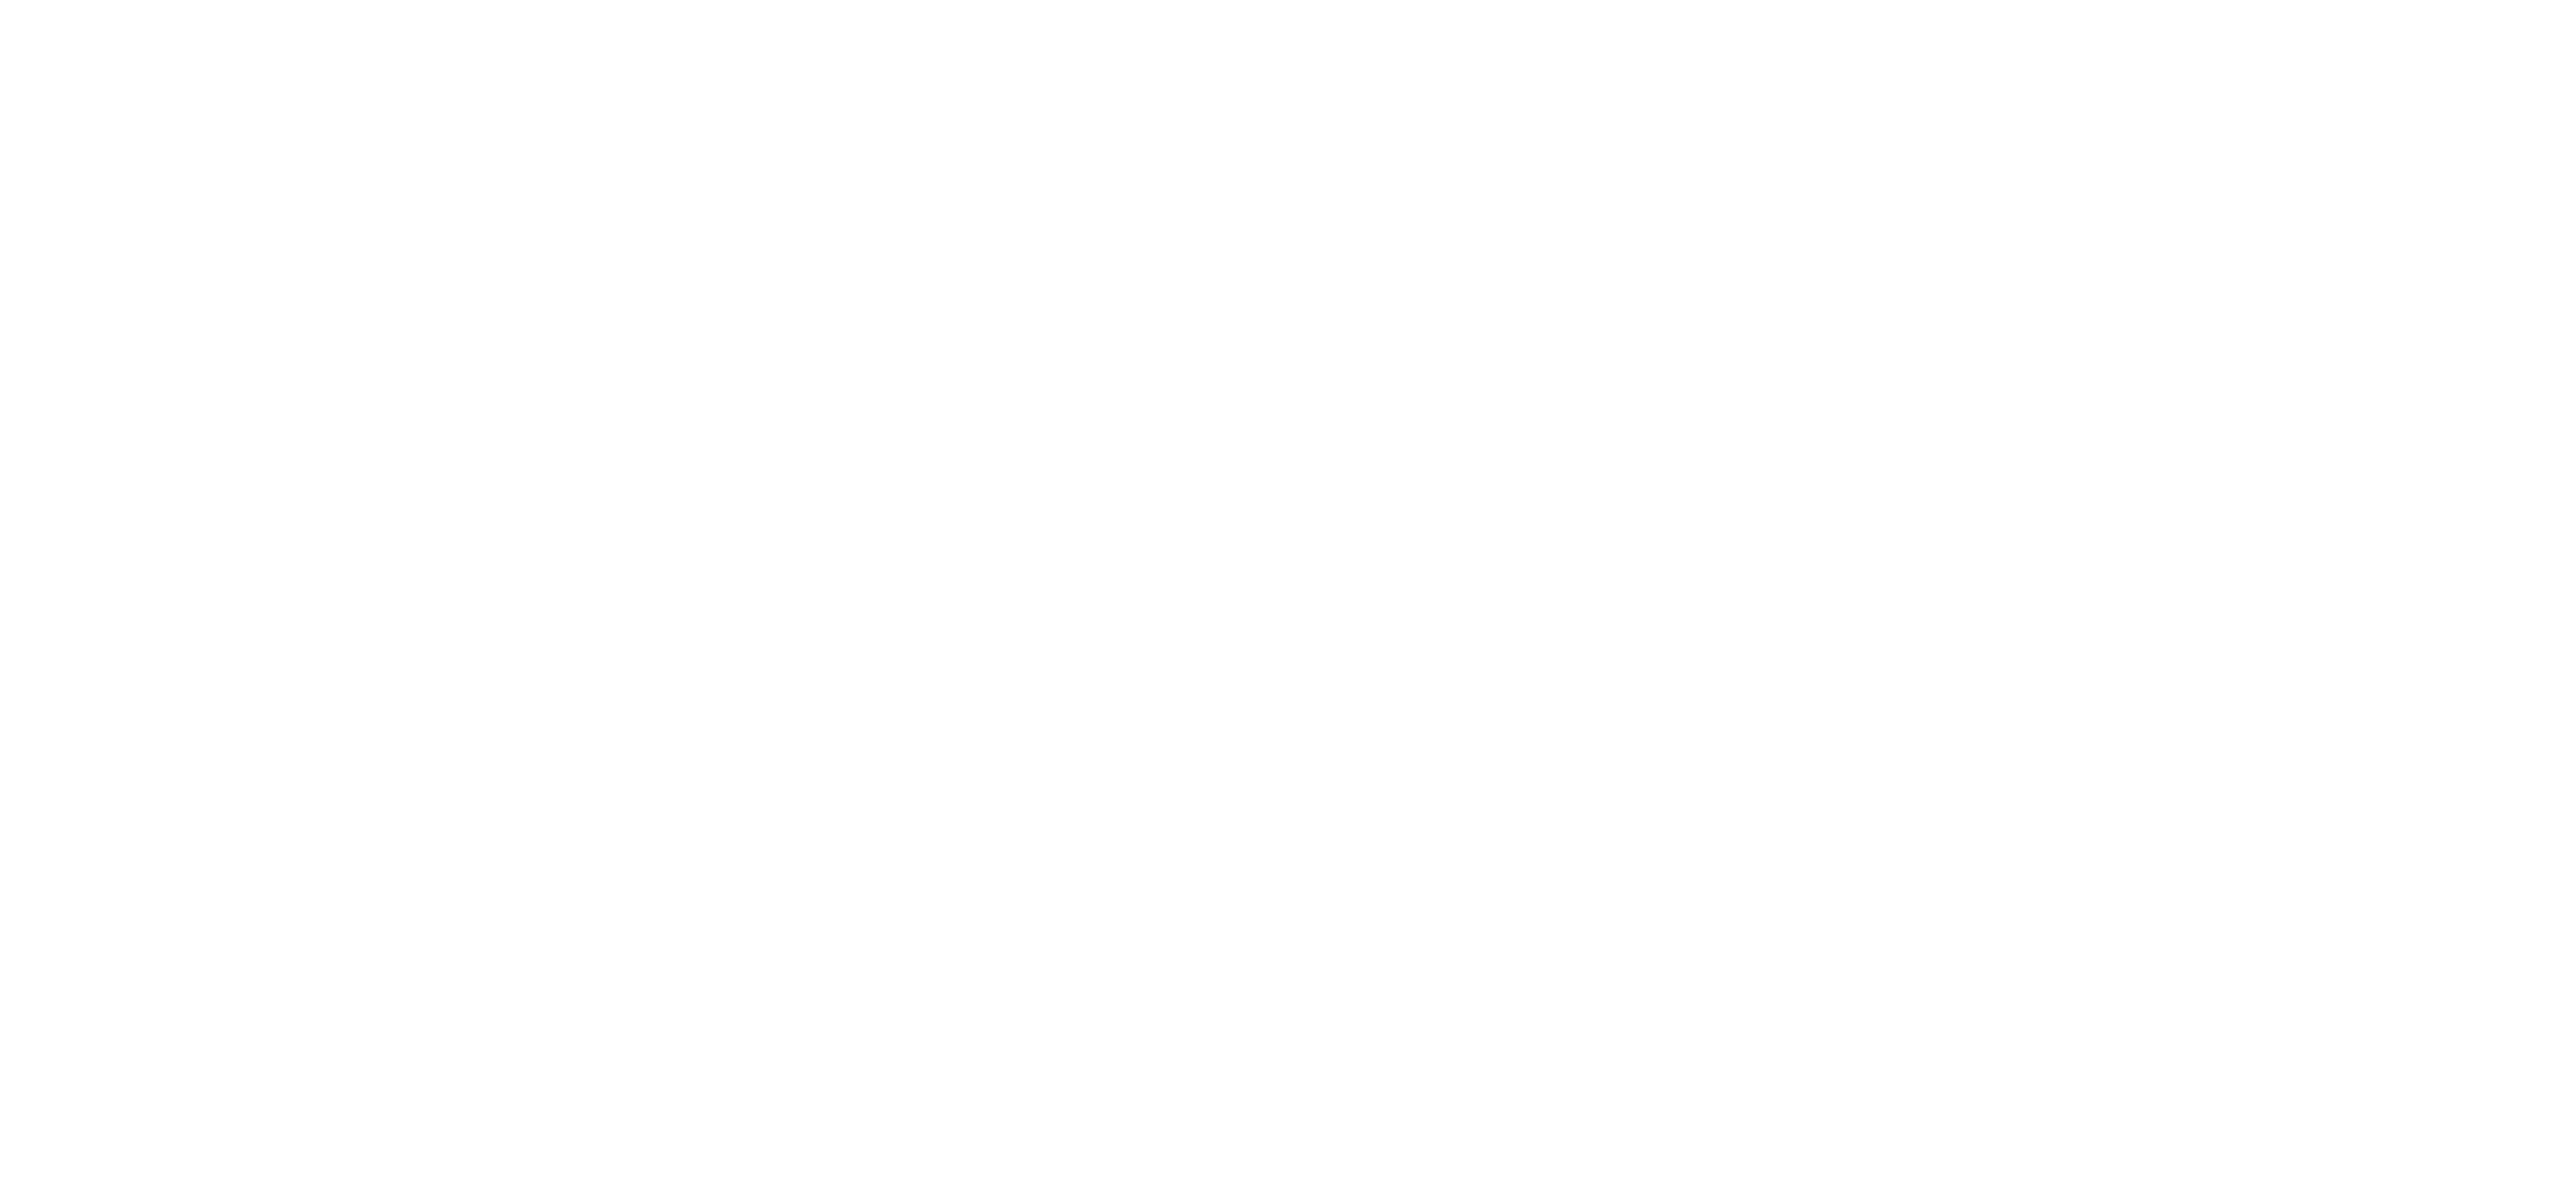 Sin título-2-07